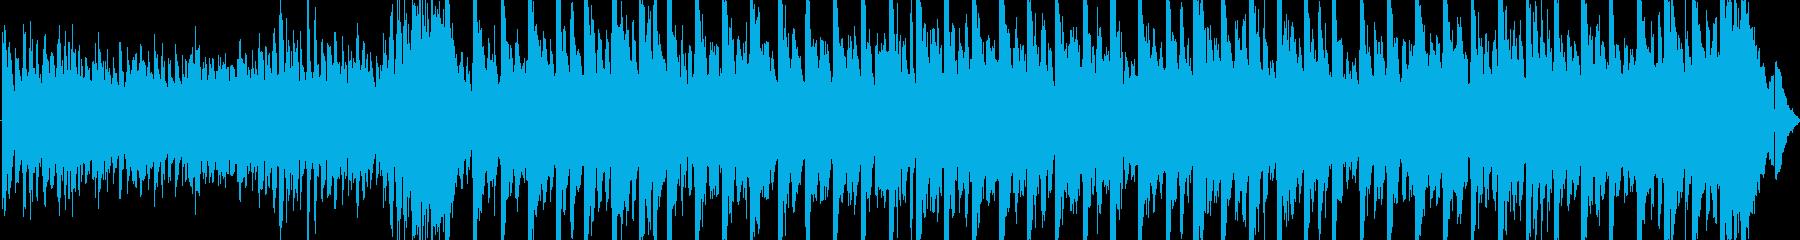 エレクトロ混じりの4分打ちロックテイストの再生済みの波形